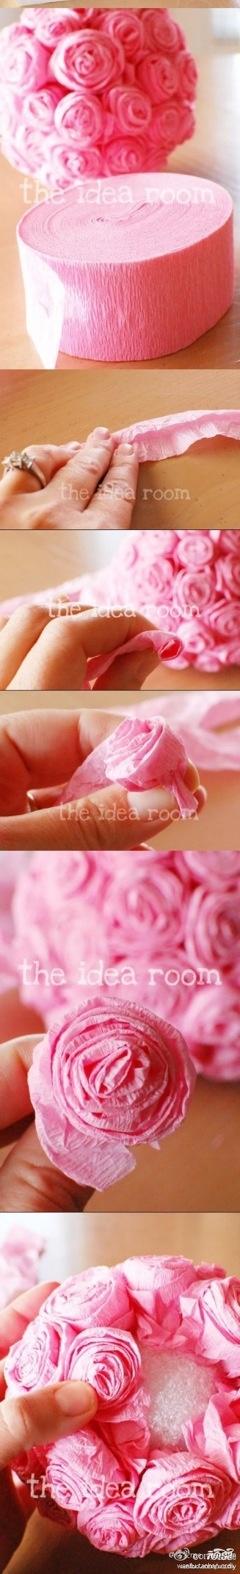 Tissue roses, I have so many cute ideas!